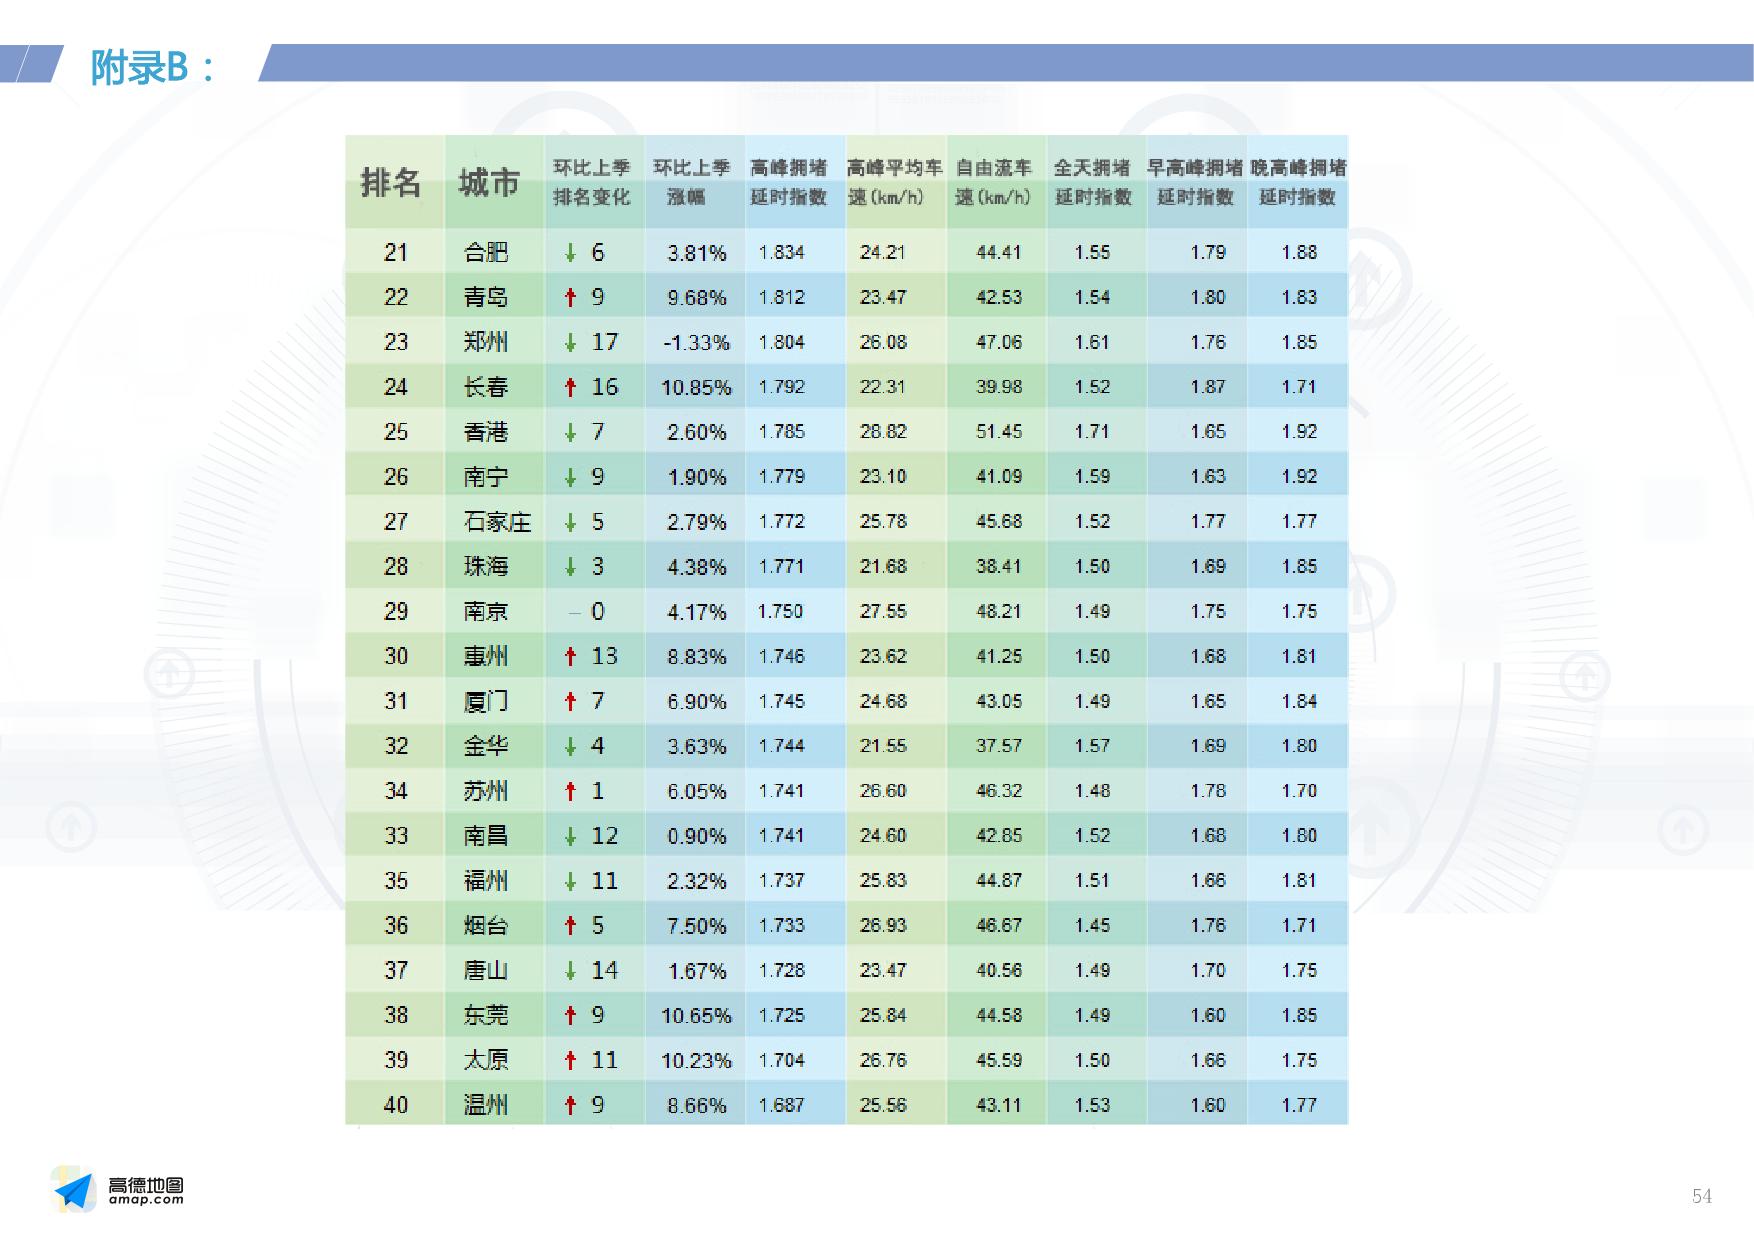 2016年Q2中国主要城市交通分析报告_000054